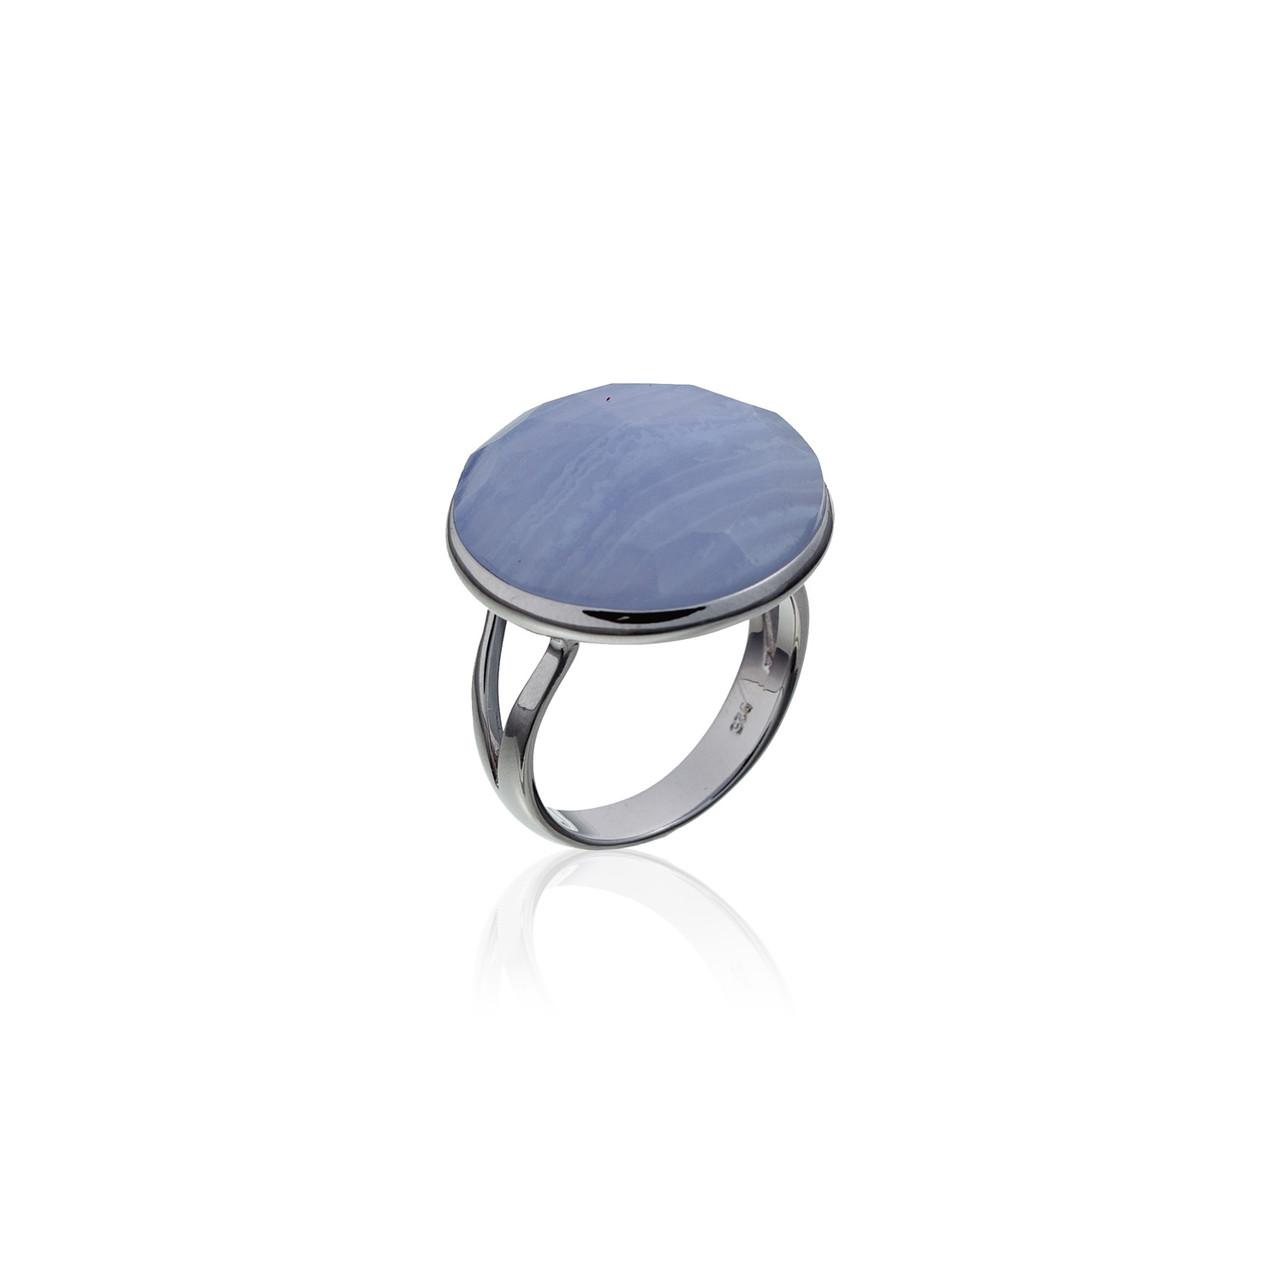 Серебряное кольцо с натуральным камнем. Вставка: голубой агат размер: 17,5р, покрытие родий, вес: 4,